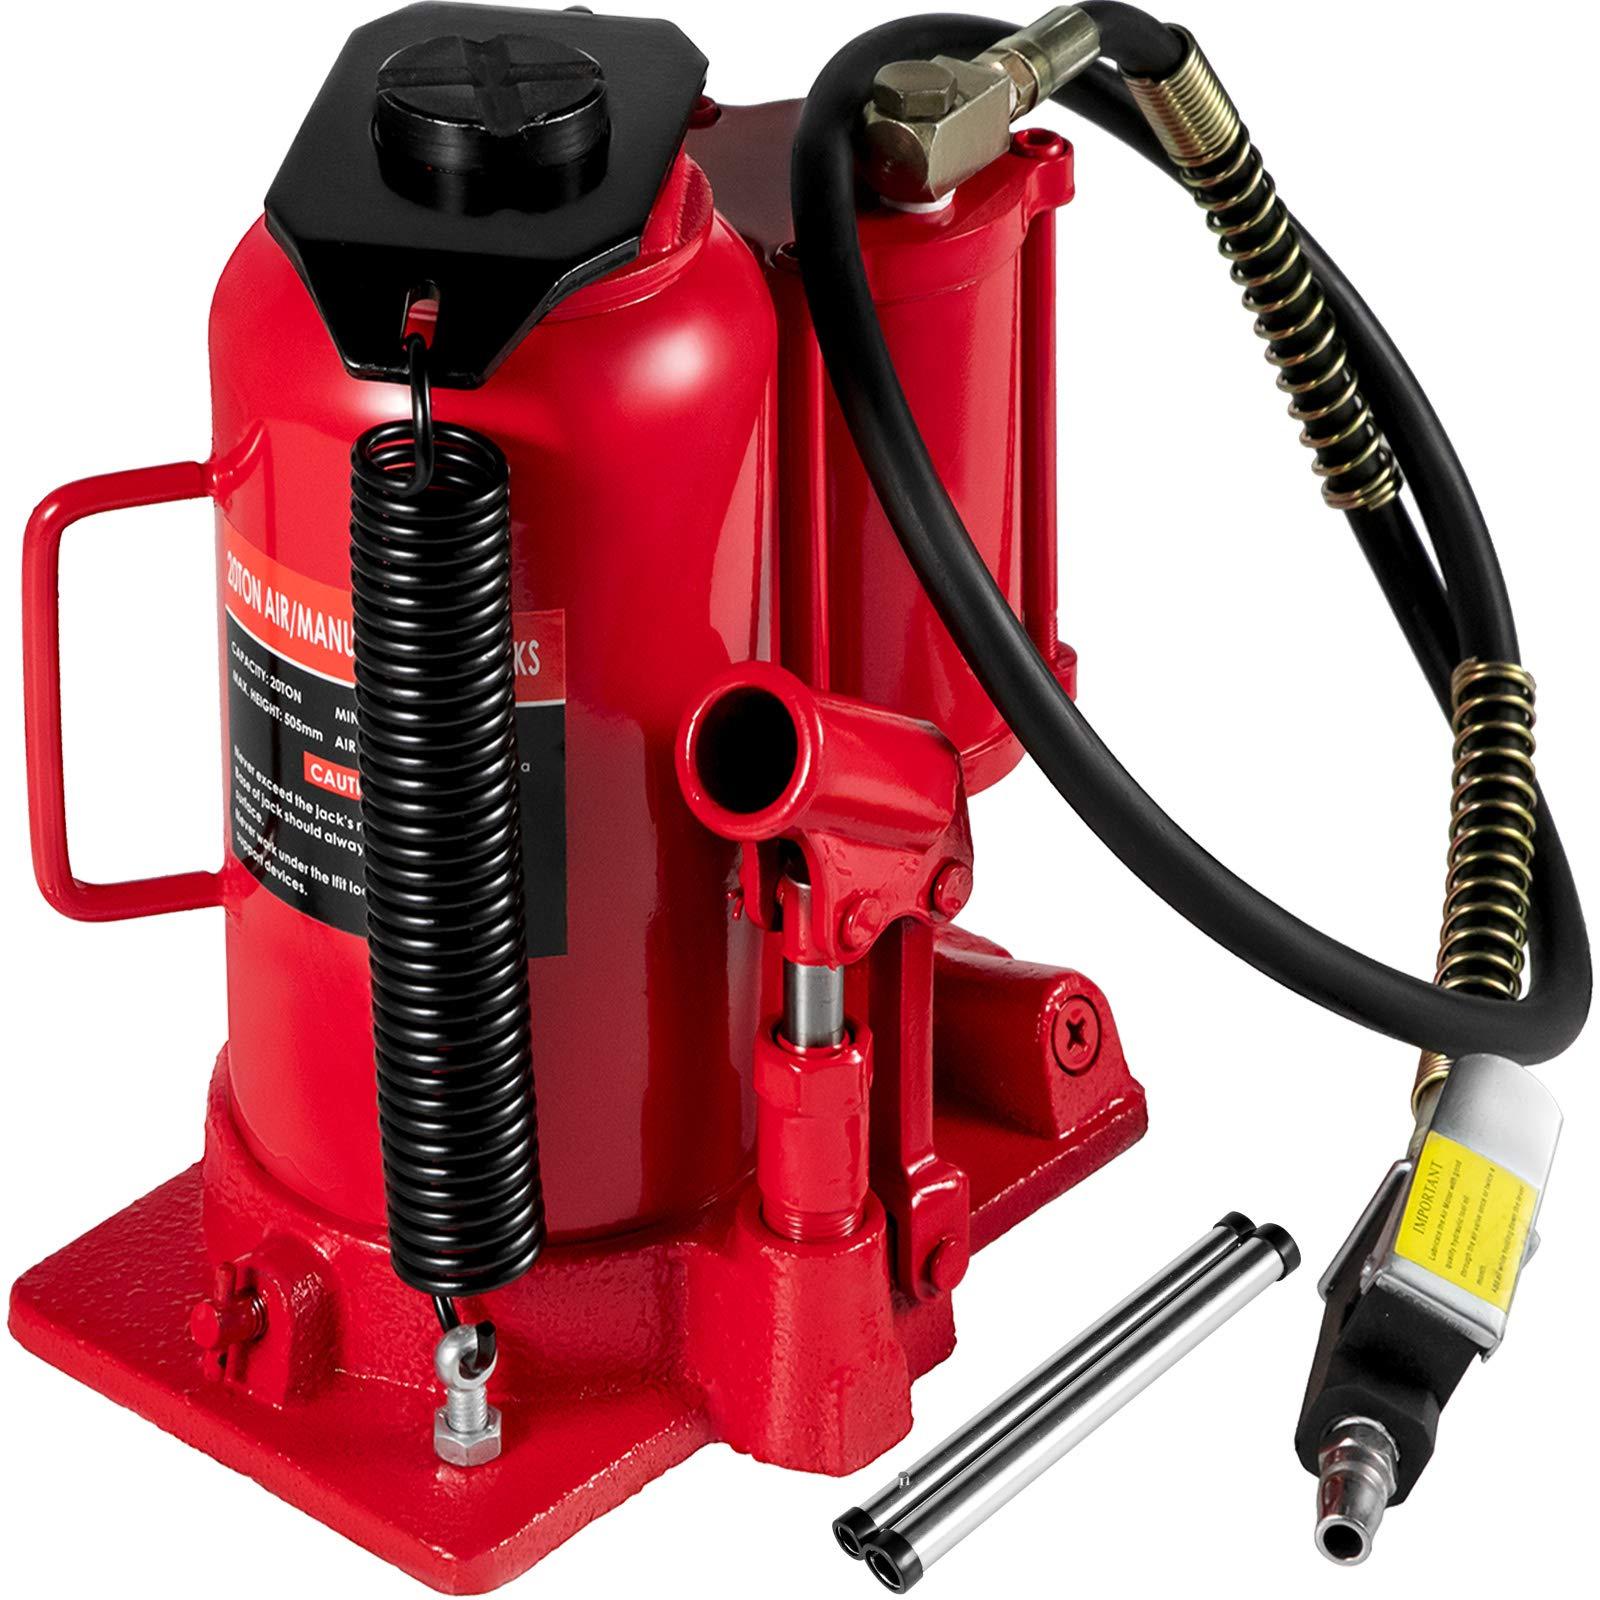 Mophorn Gato de Botella 20 T Gato Hidráulico de Coche Rojo Gato Hidraulico Carretilla para Reparación de Camiones Autos: Amazon.es: Coche y moto